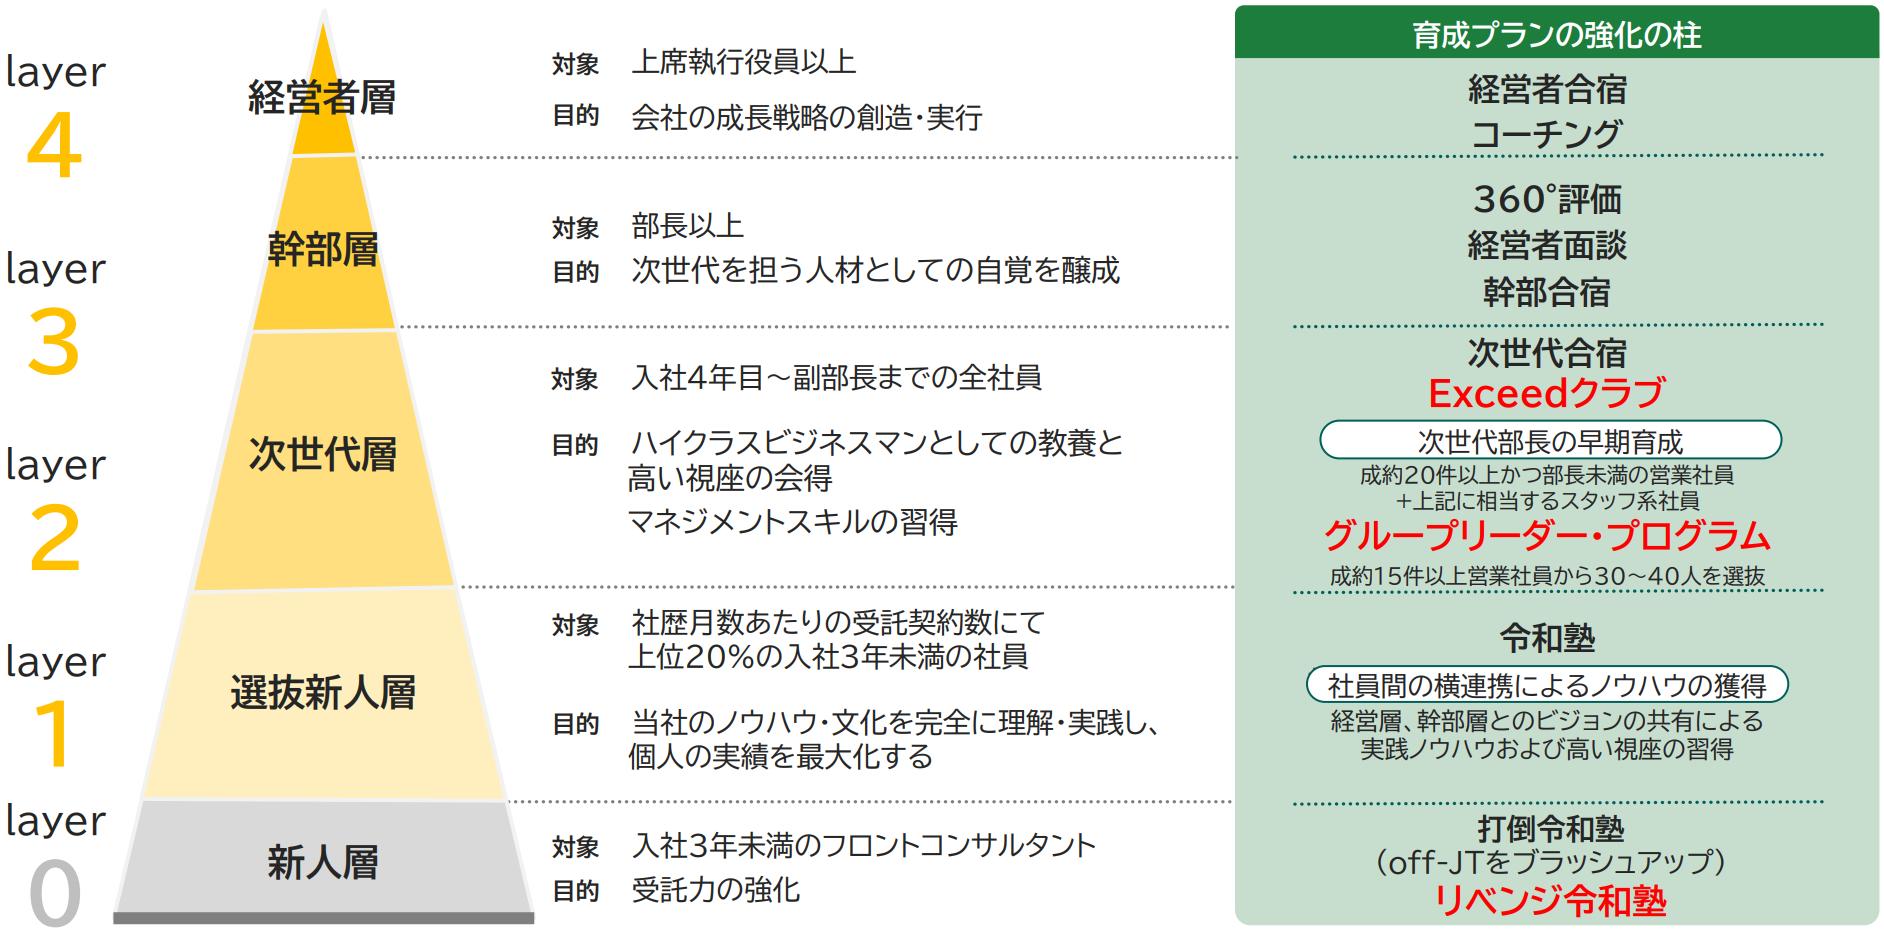 日本M&Aセンター:2021年3月期決算説明資料